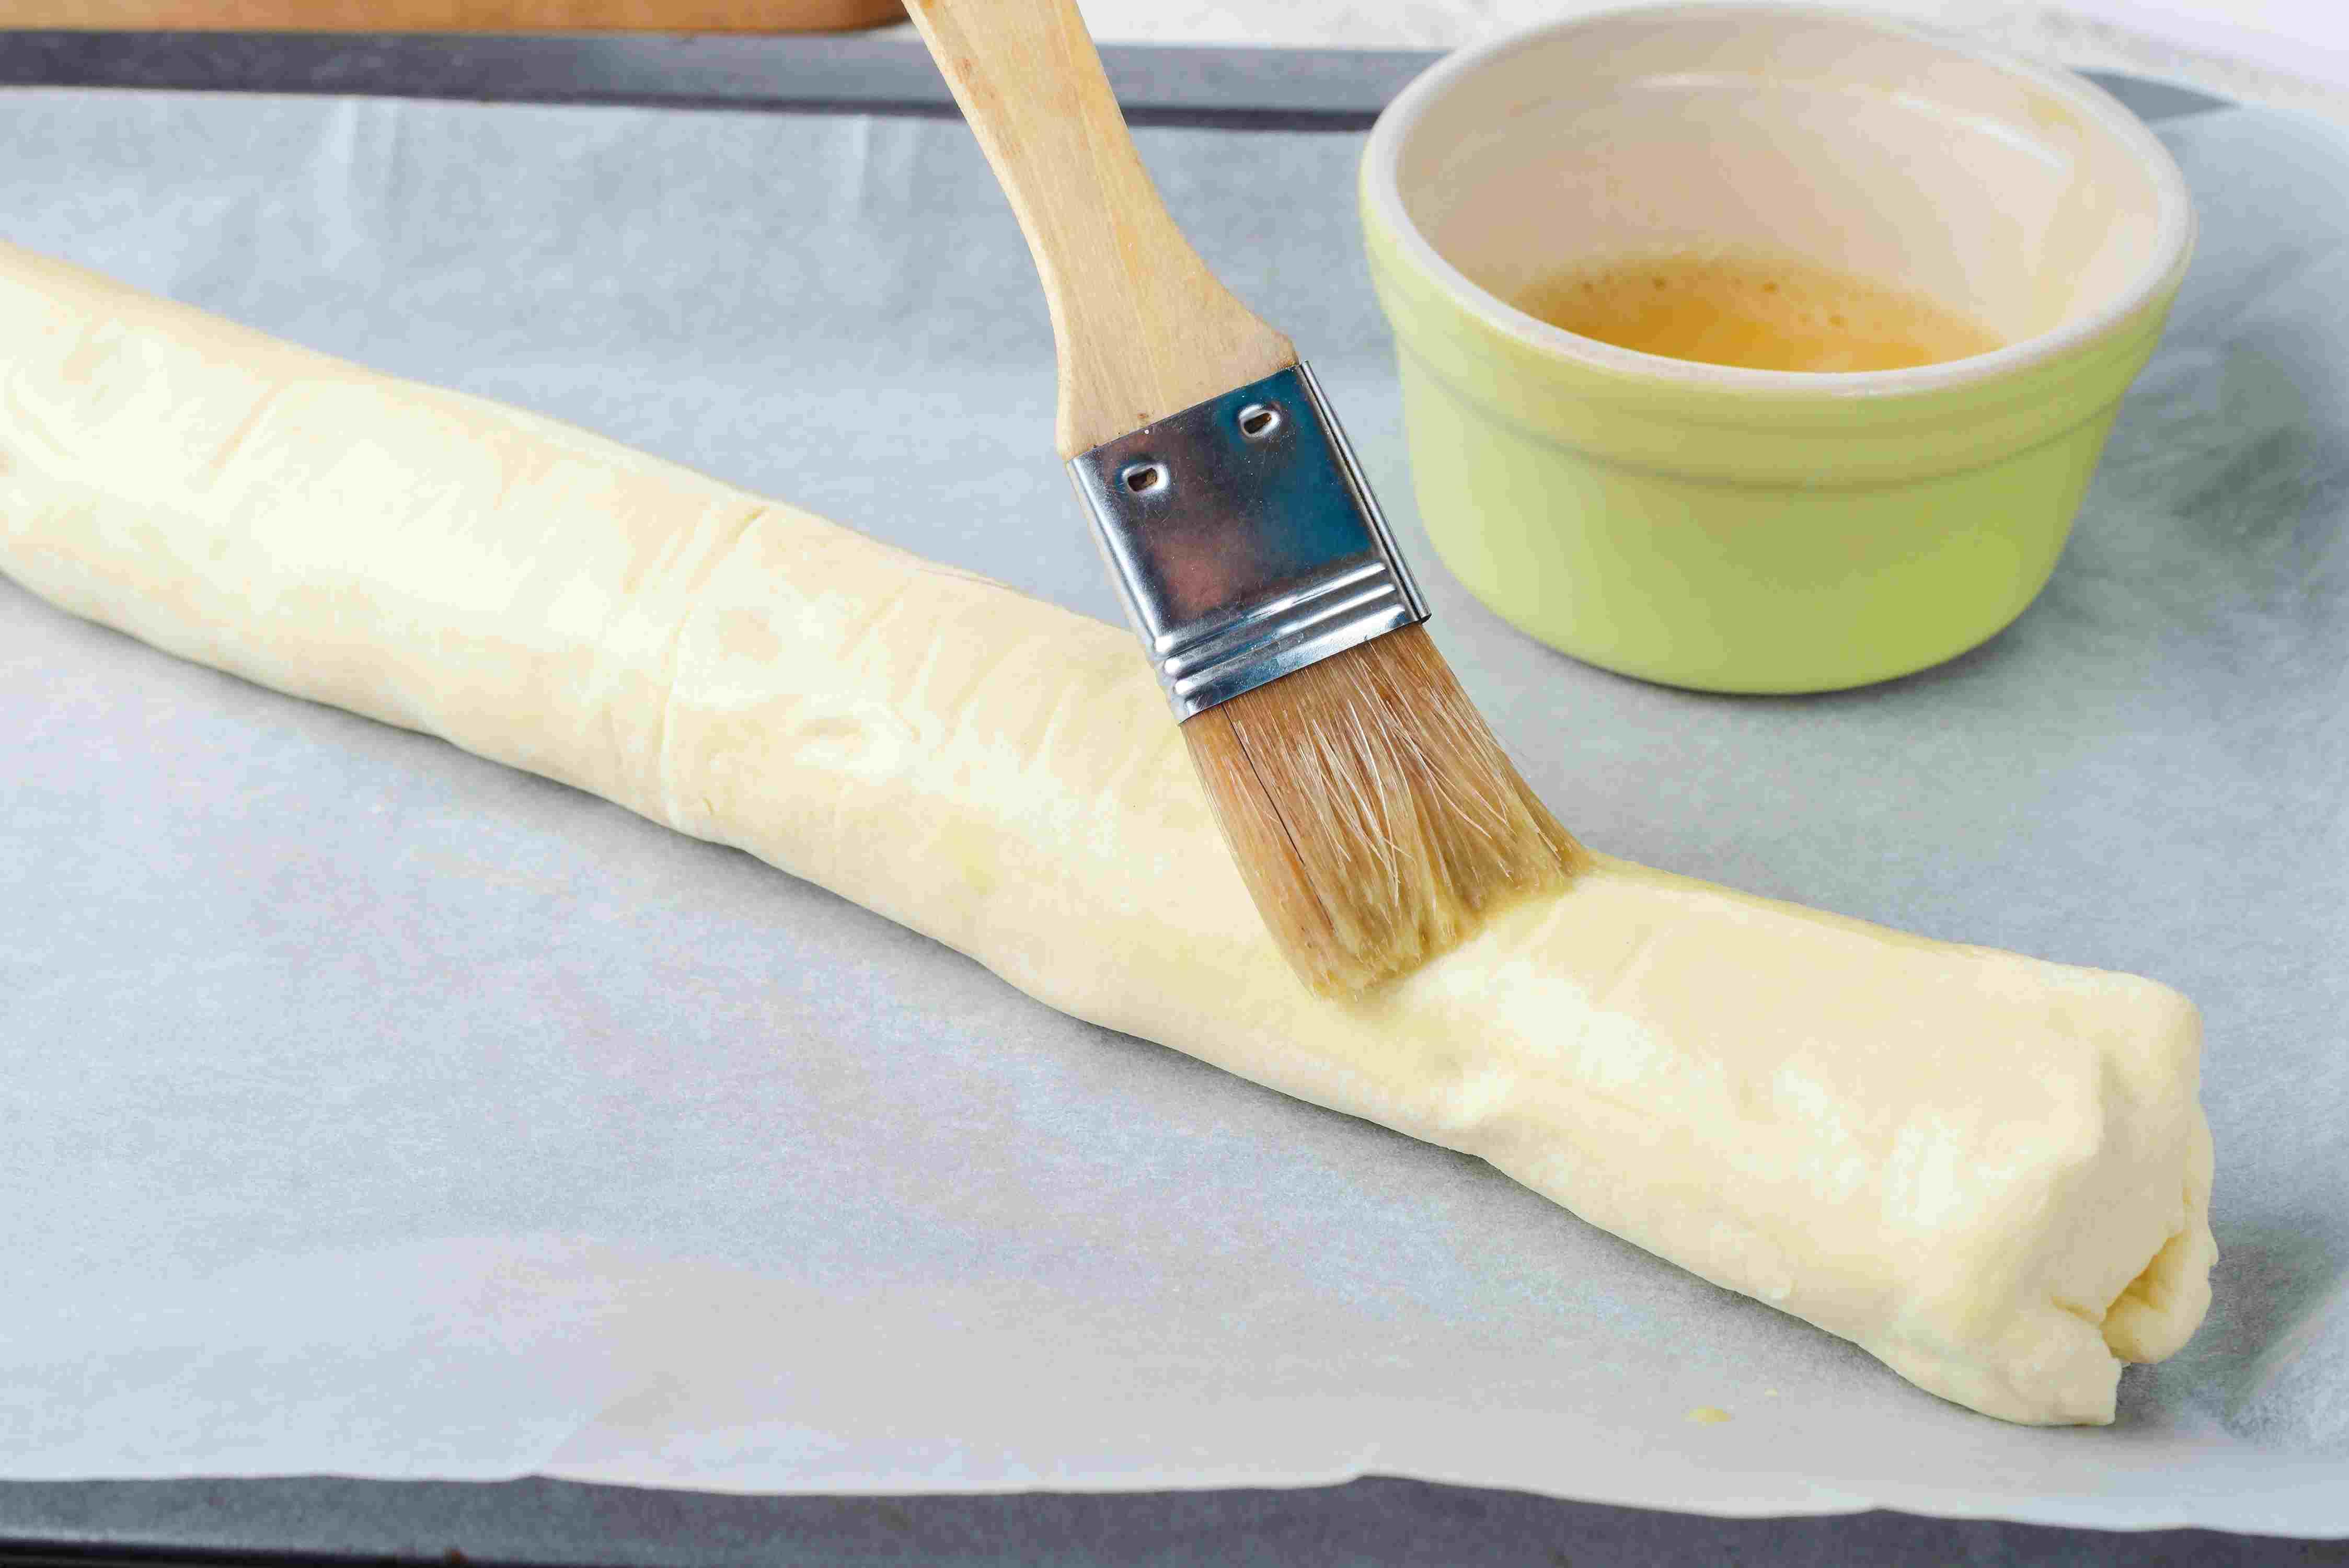 pastry brush brushing beaten egg on seam